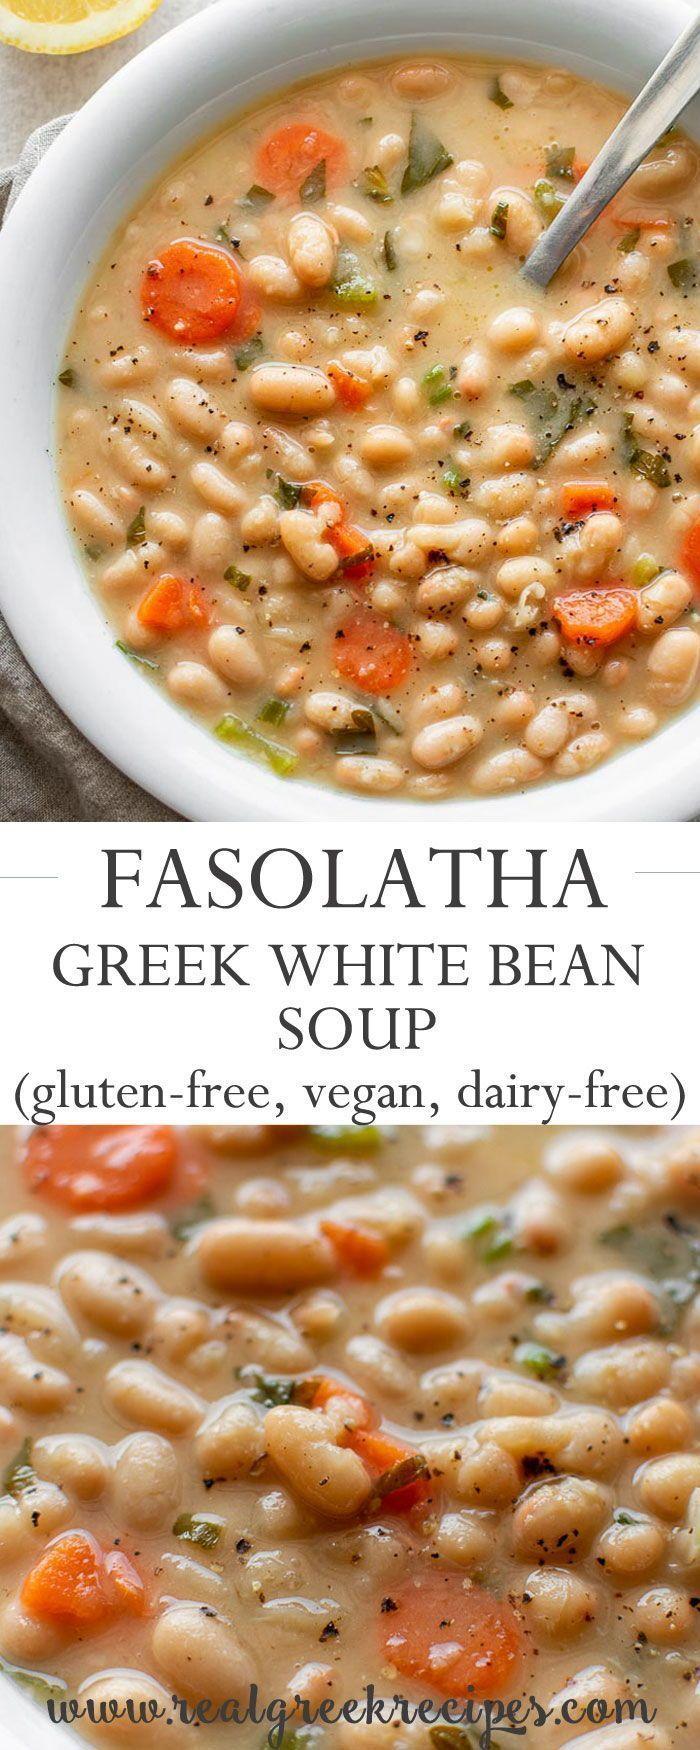 Photo of Griechische weiße Bohnensuppe mit Knoblauch & Zitrone | Rezept | Griechische Rezepte, Lebensmittelrezepte, Bohnenrezepte – Mein Blog